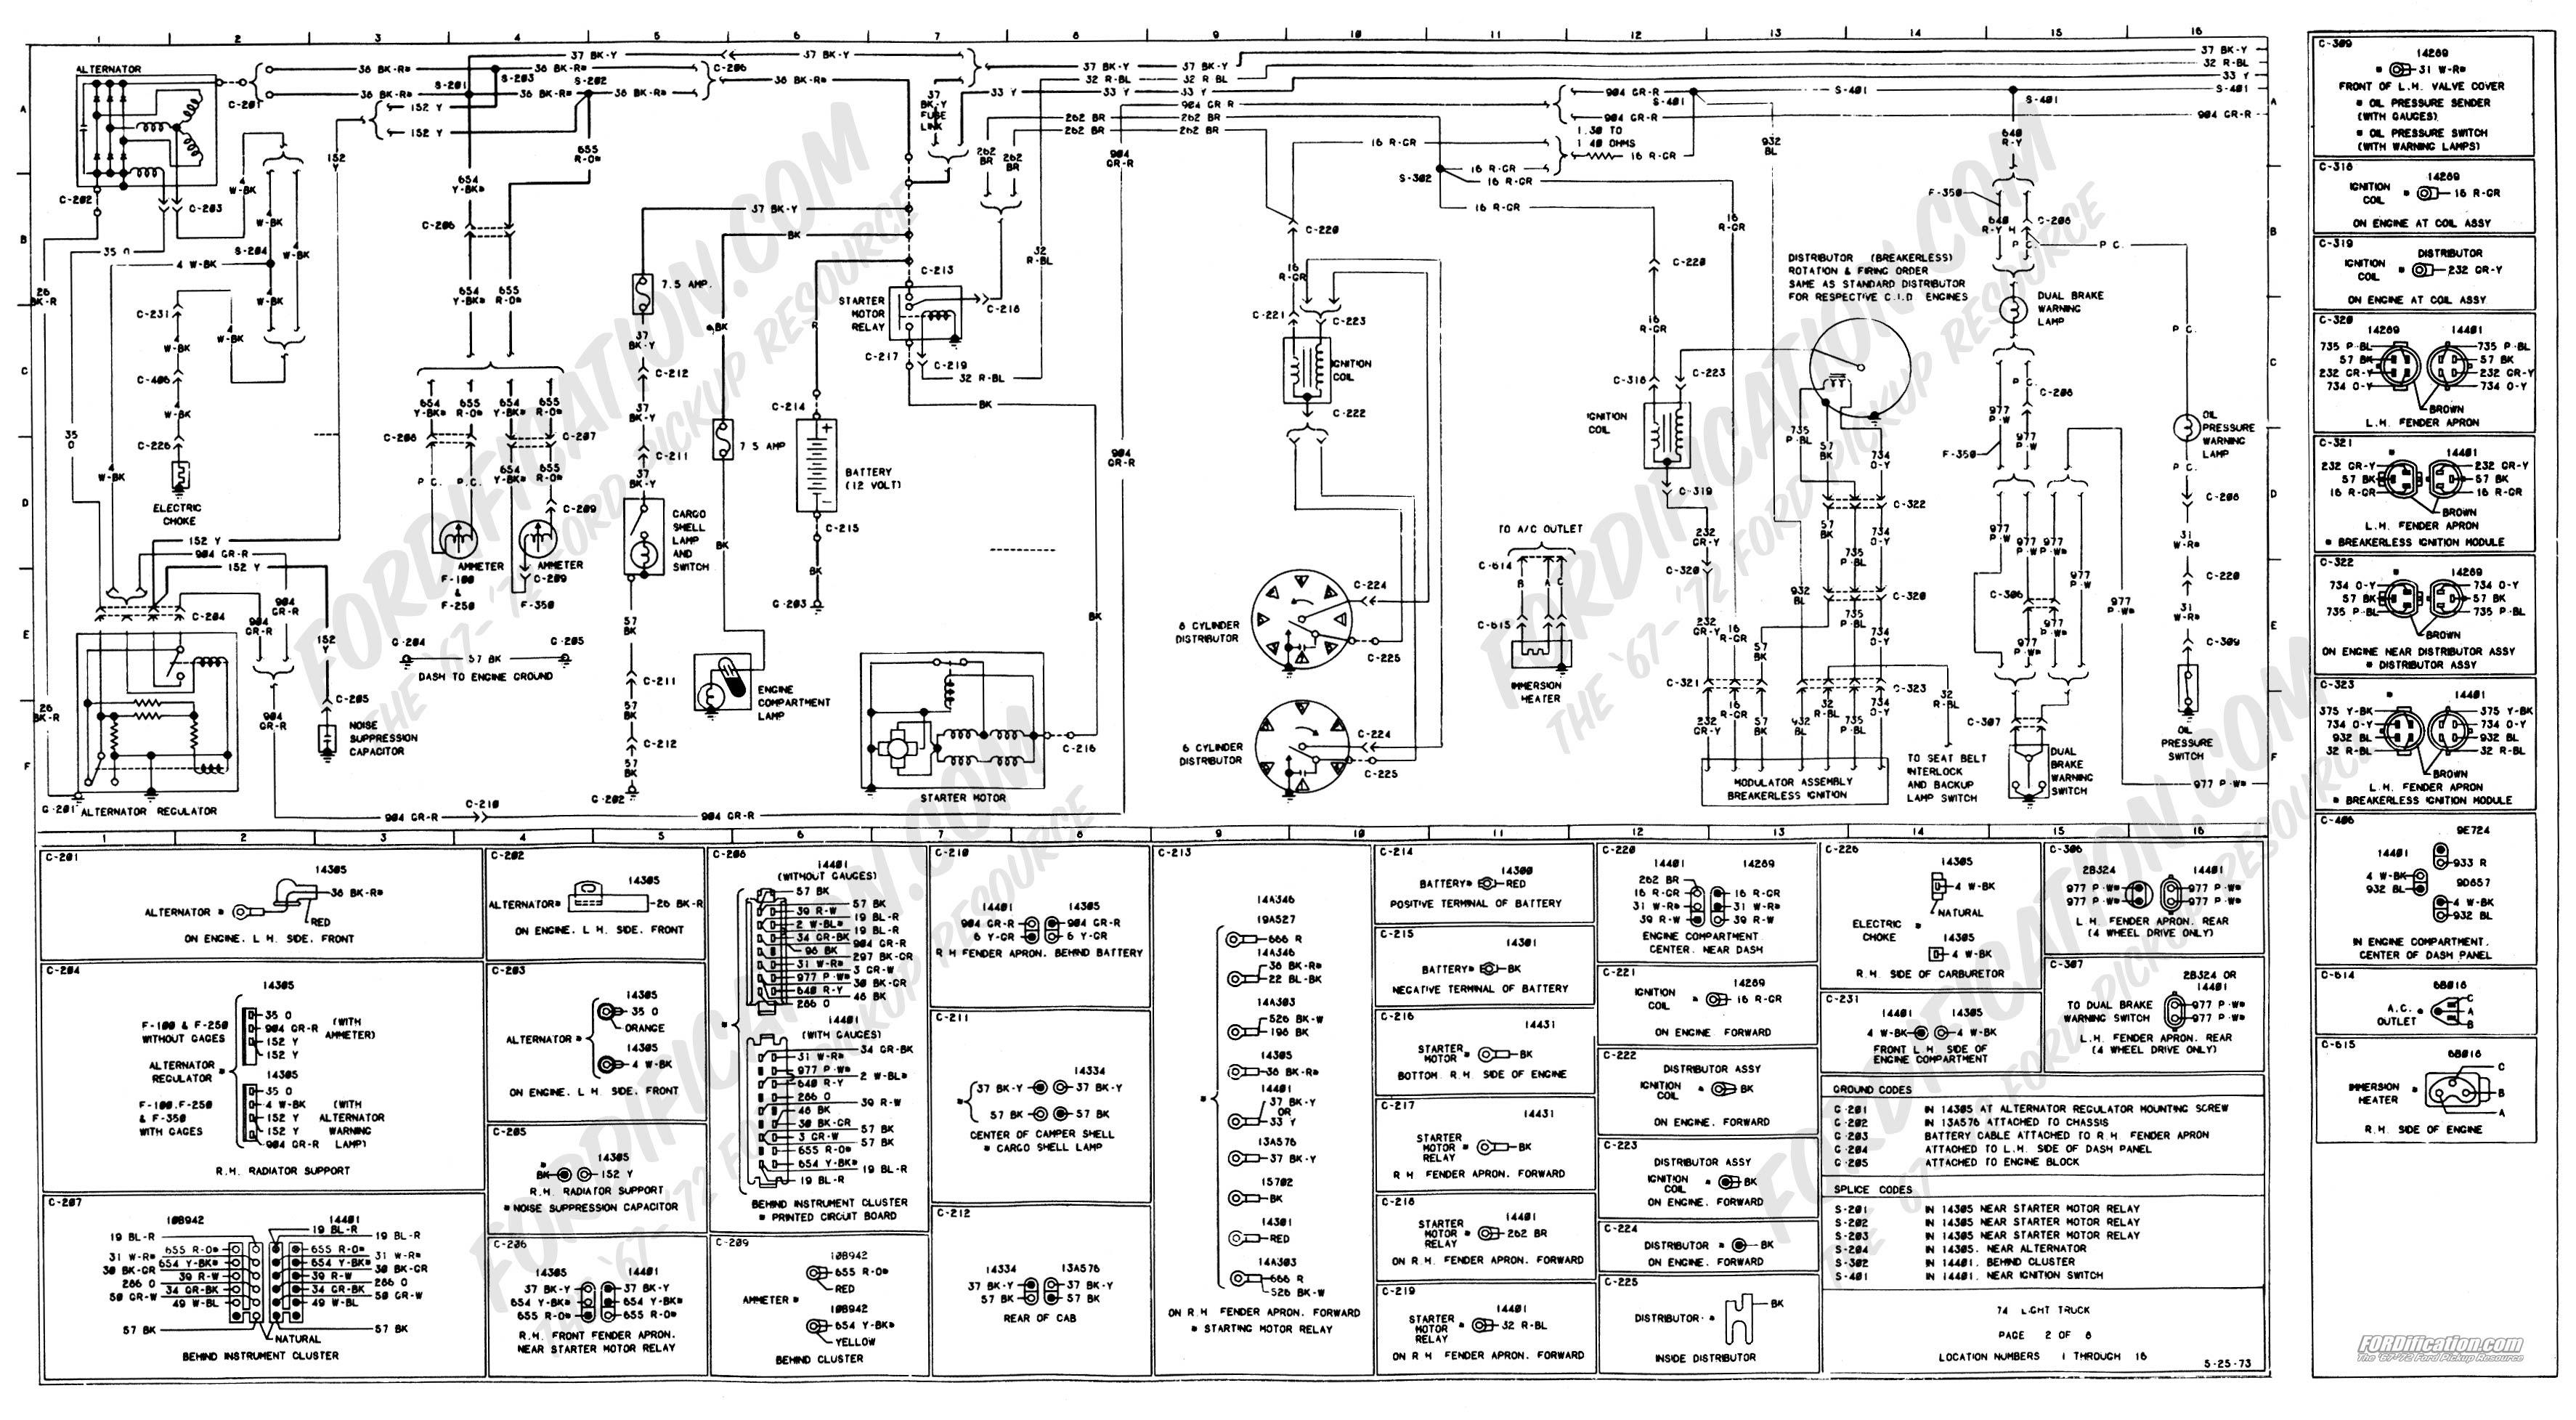 1985 Ford F800 Wiring Diagram Wiring Diagrams Site Data A Data A Geasparquet It